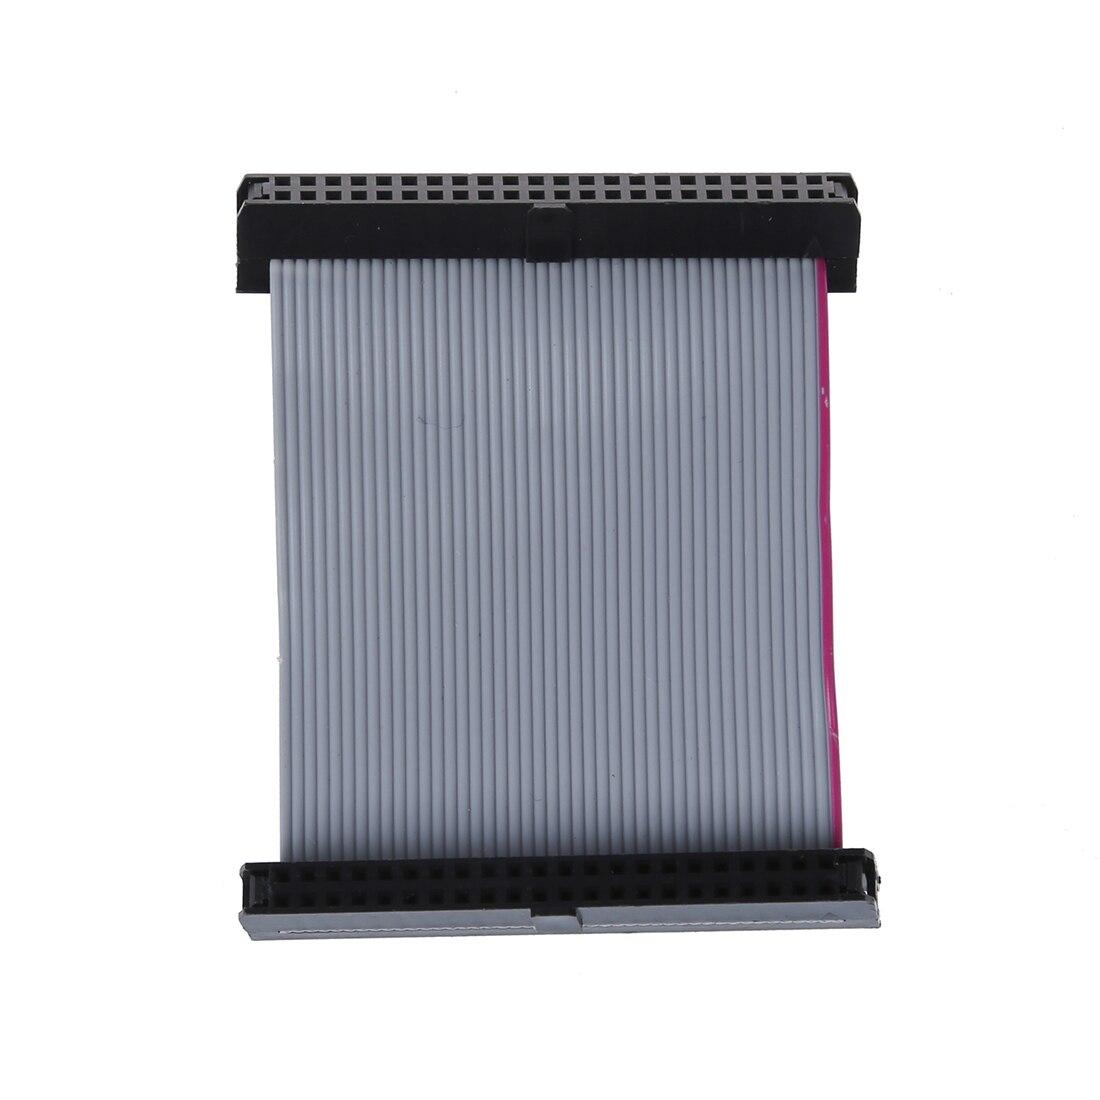 Herrliche Farben Und Exquisite Verarbeitung Neuartige Designs Hell 2-zoll 44-pin Weibliche 2,5-zoll Ide Festplatte Kabel BerüHmt FüR AusgewäHlte Materialien